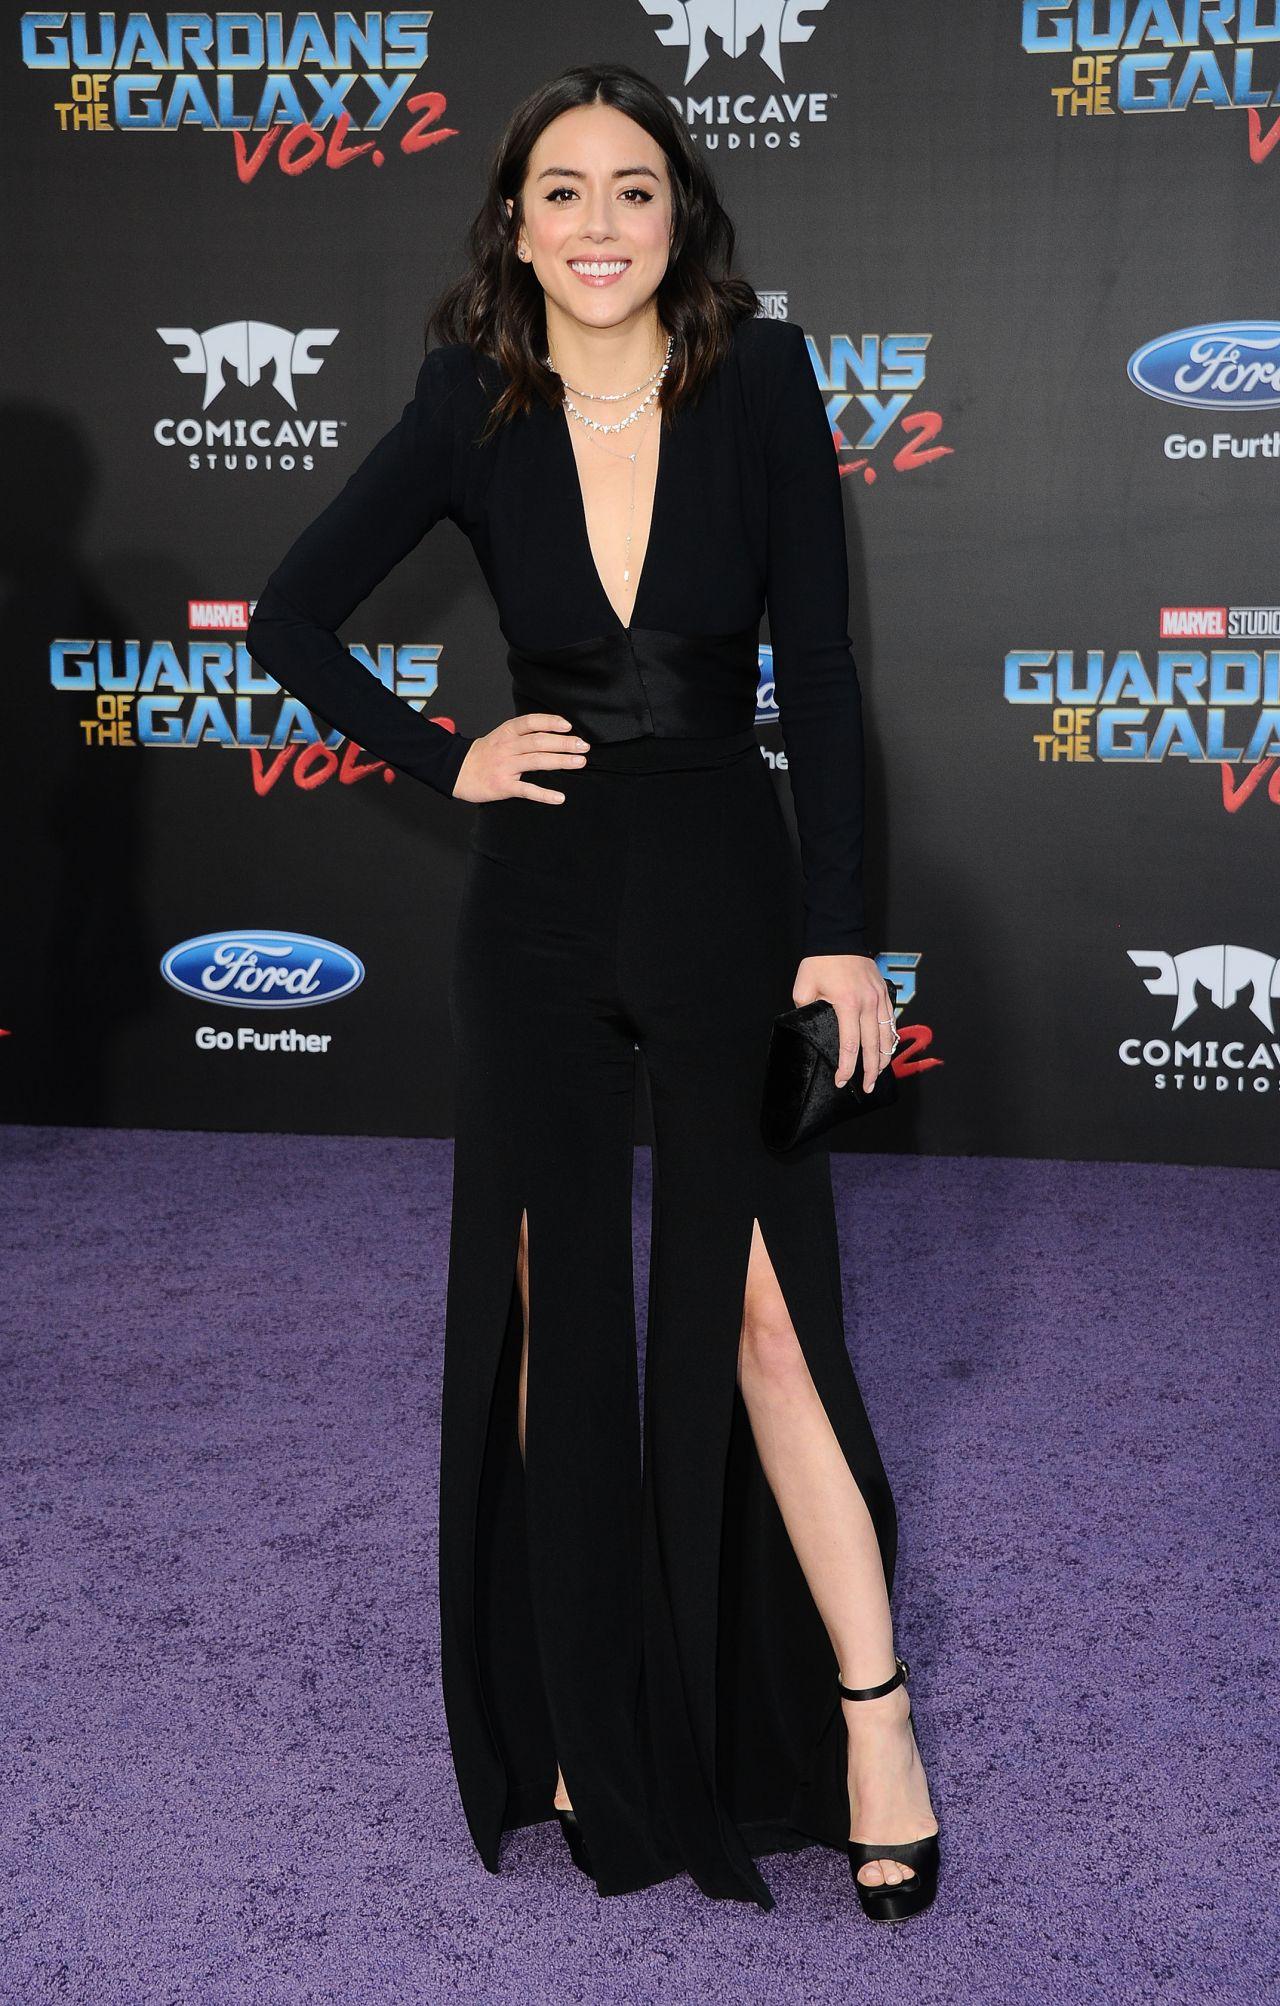 Chloe Bennet Quot Guardians Of The Galaxy Vol 2 Quot Premiere